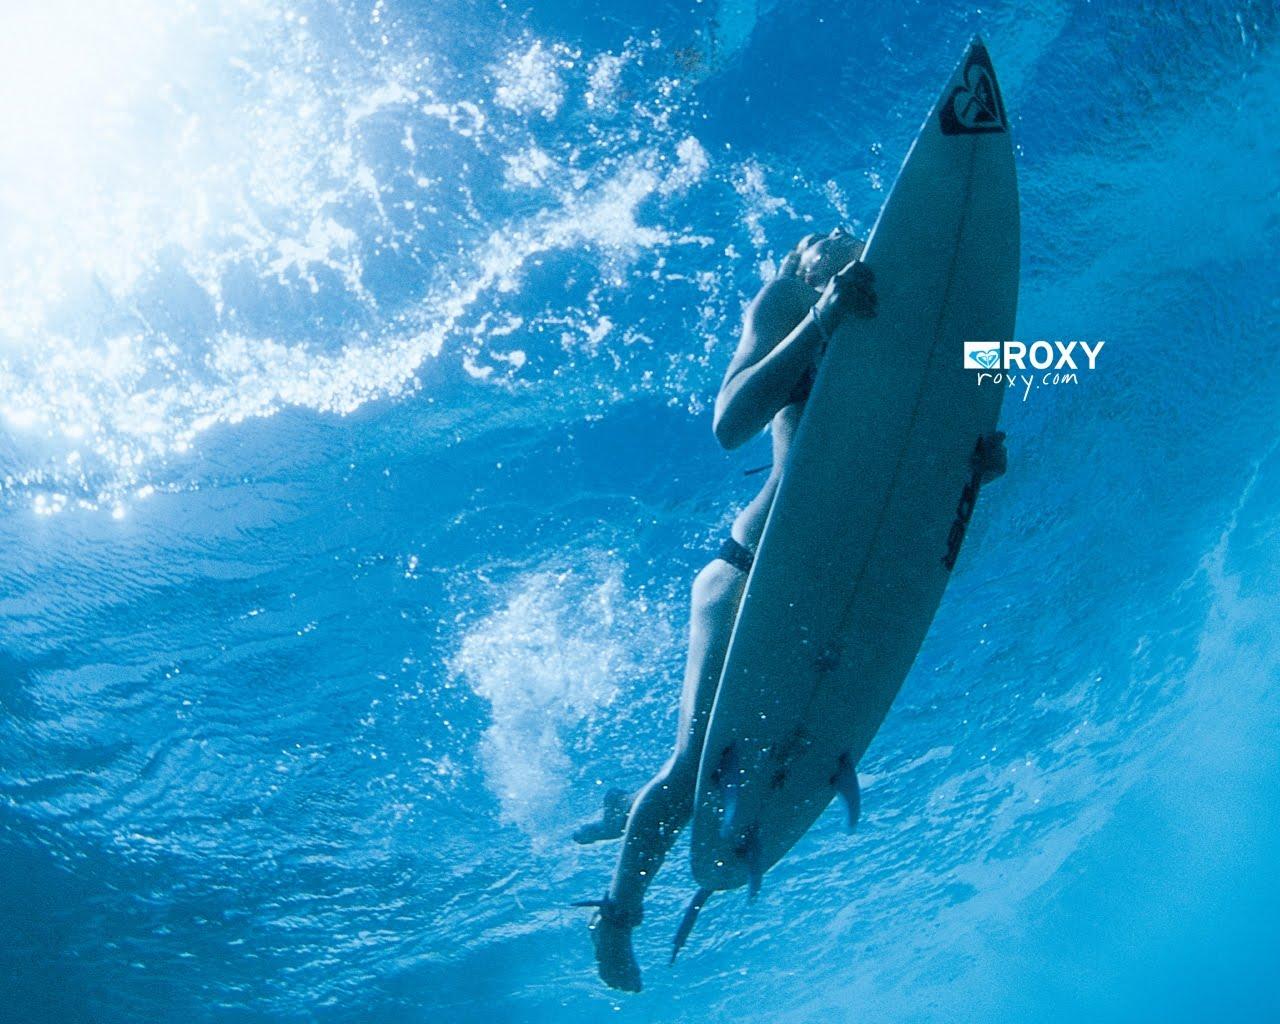 http://3.bp.blogspot.com/_of9m8NxT-ZA/TUWebB8zbDI/AAAAAAAAAq4/qC1hIr0inPA/s1600/Roxy-Wallpaper-Duck-Dive-670171.jpg